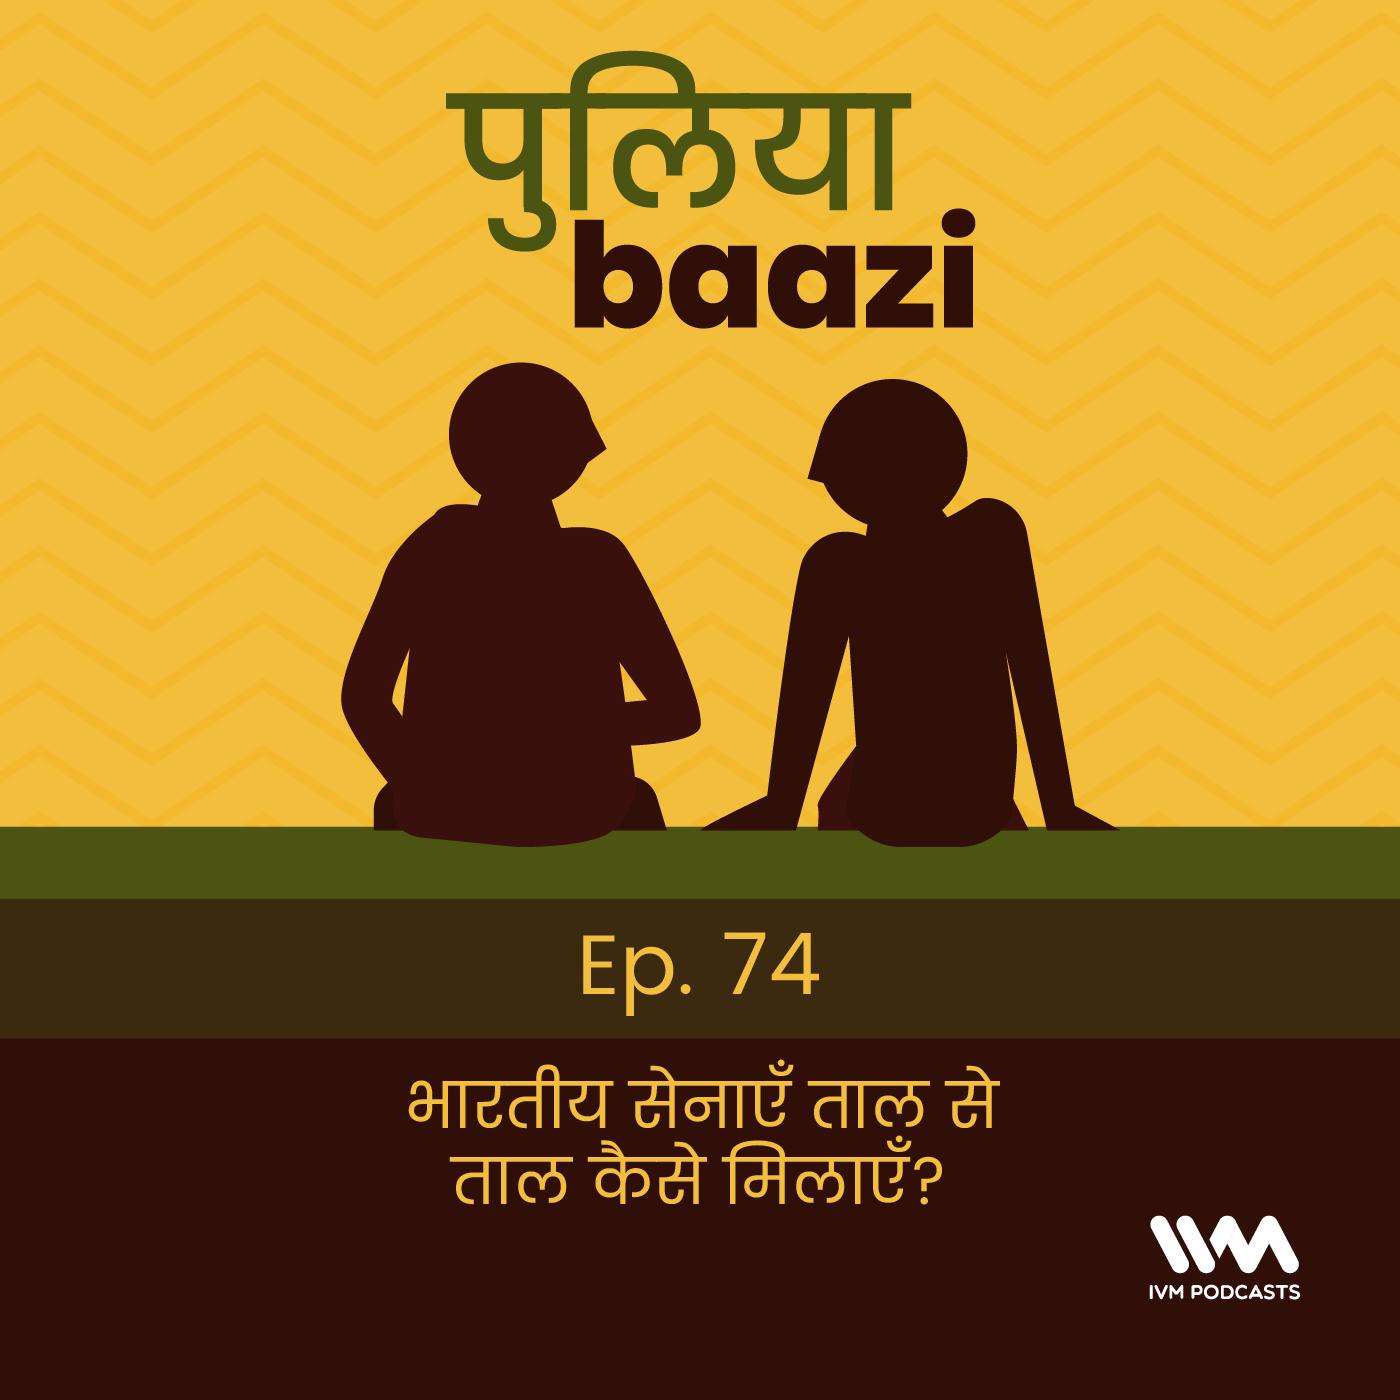 Ep. 74: भारतीय सेनाएँ ताल से ताल कैसे मिलाएँ?